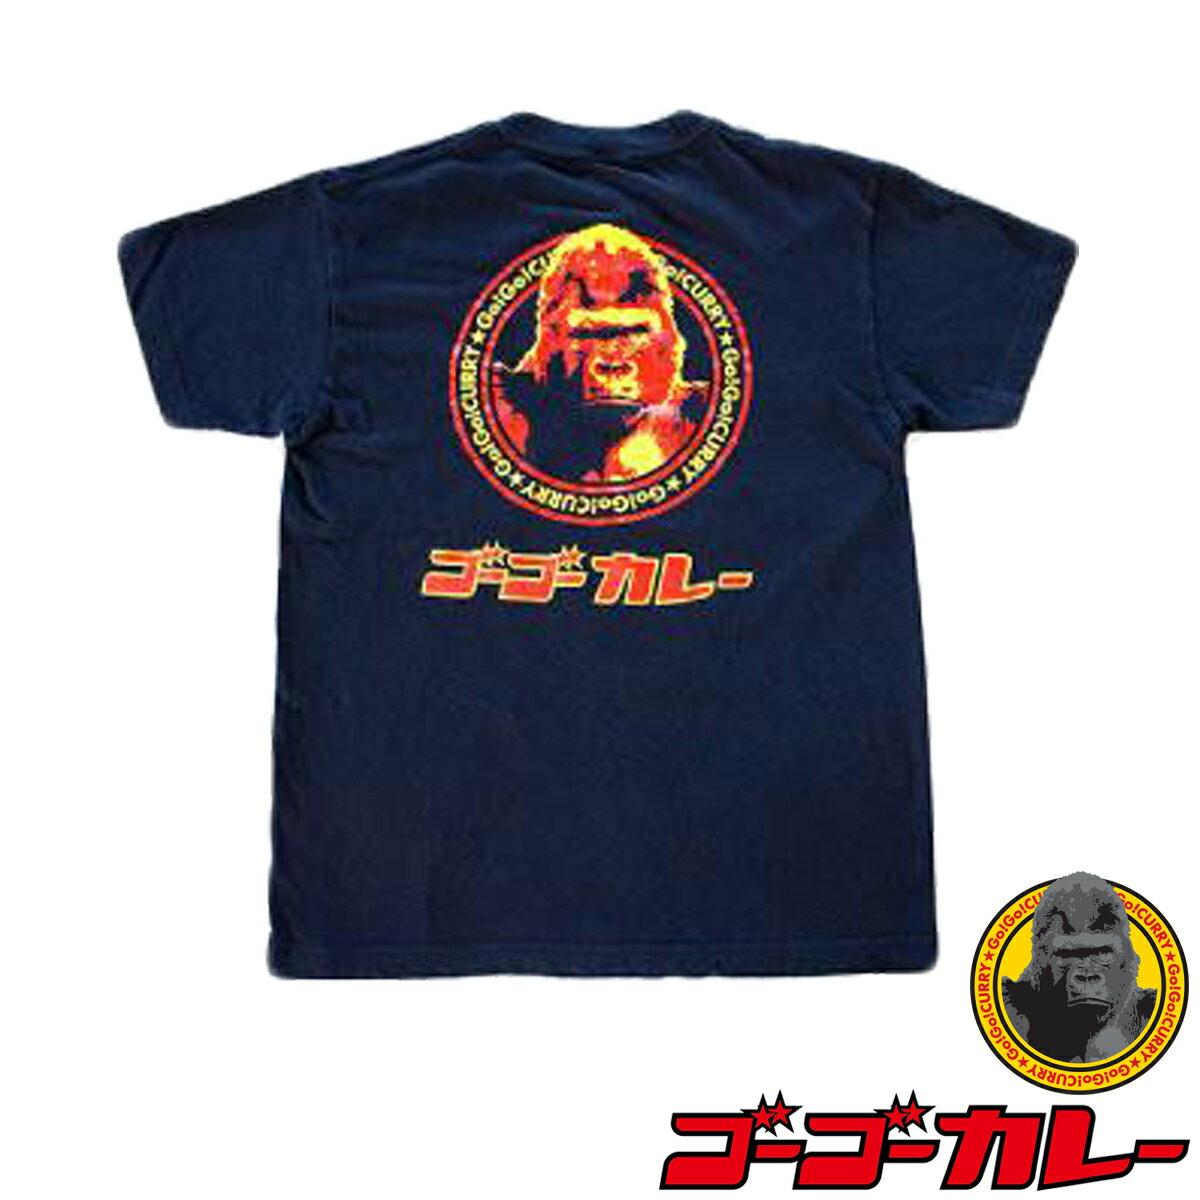 【1/24 20:00〜 10%OFFクーポン対象!】 ゴーゴーカレー オリジナル ゴリラ Tシャツ